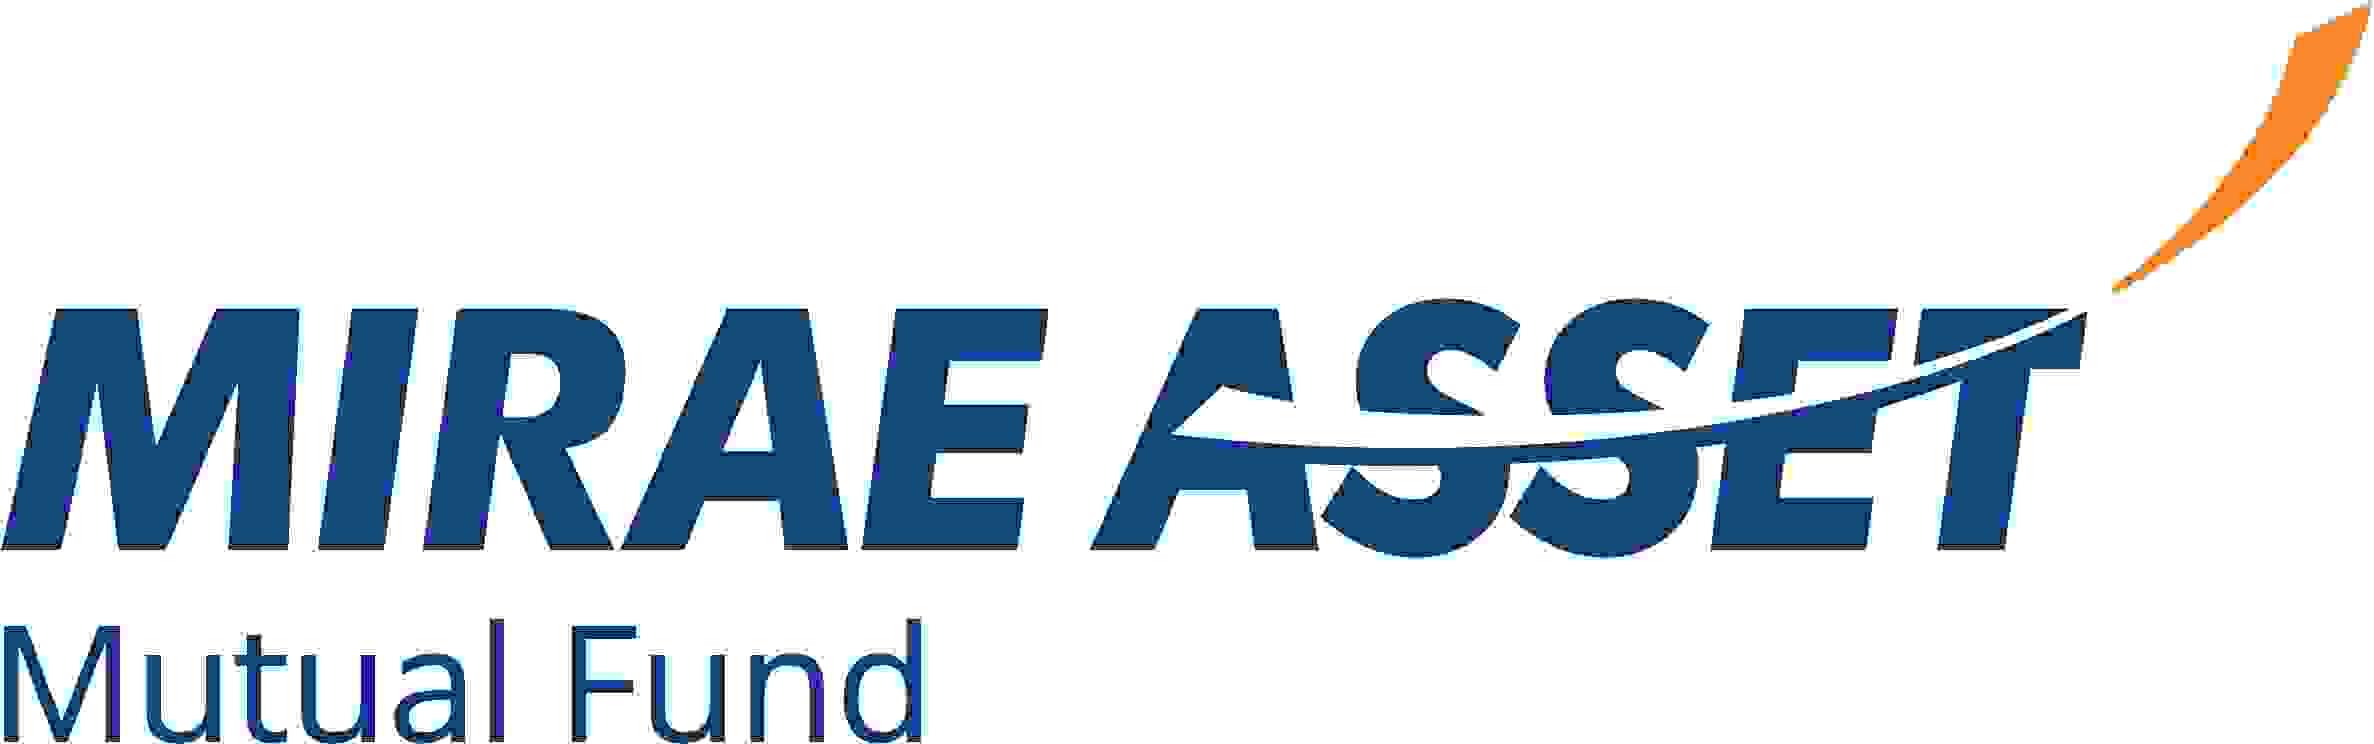 mirae-asset-mutual-fund-logo